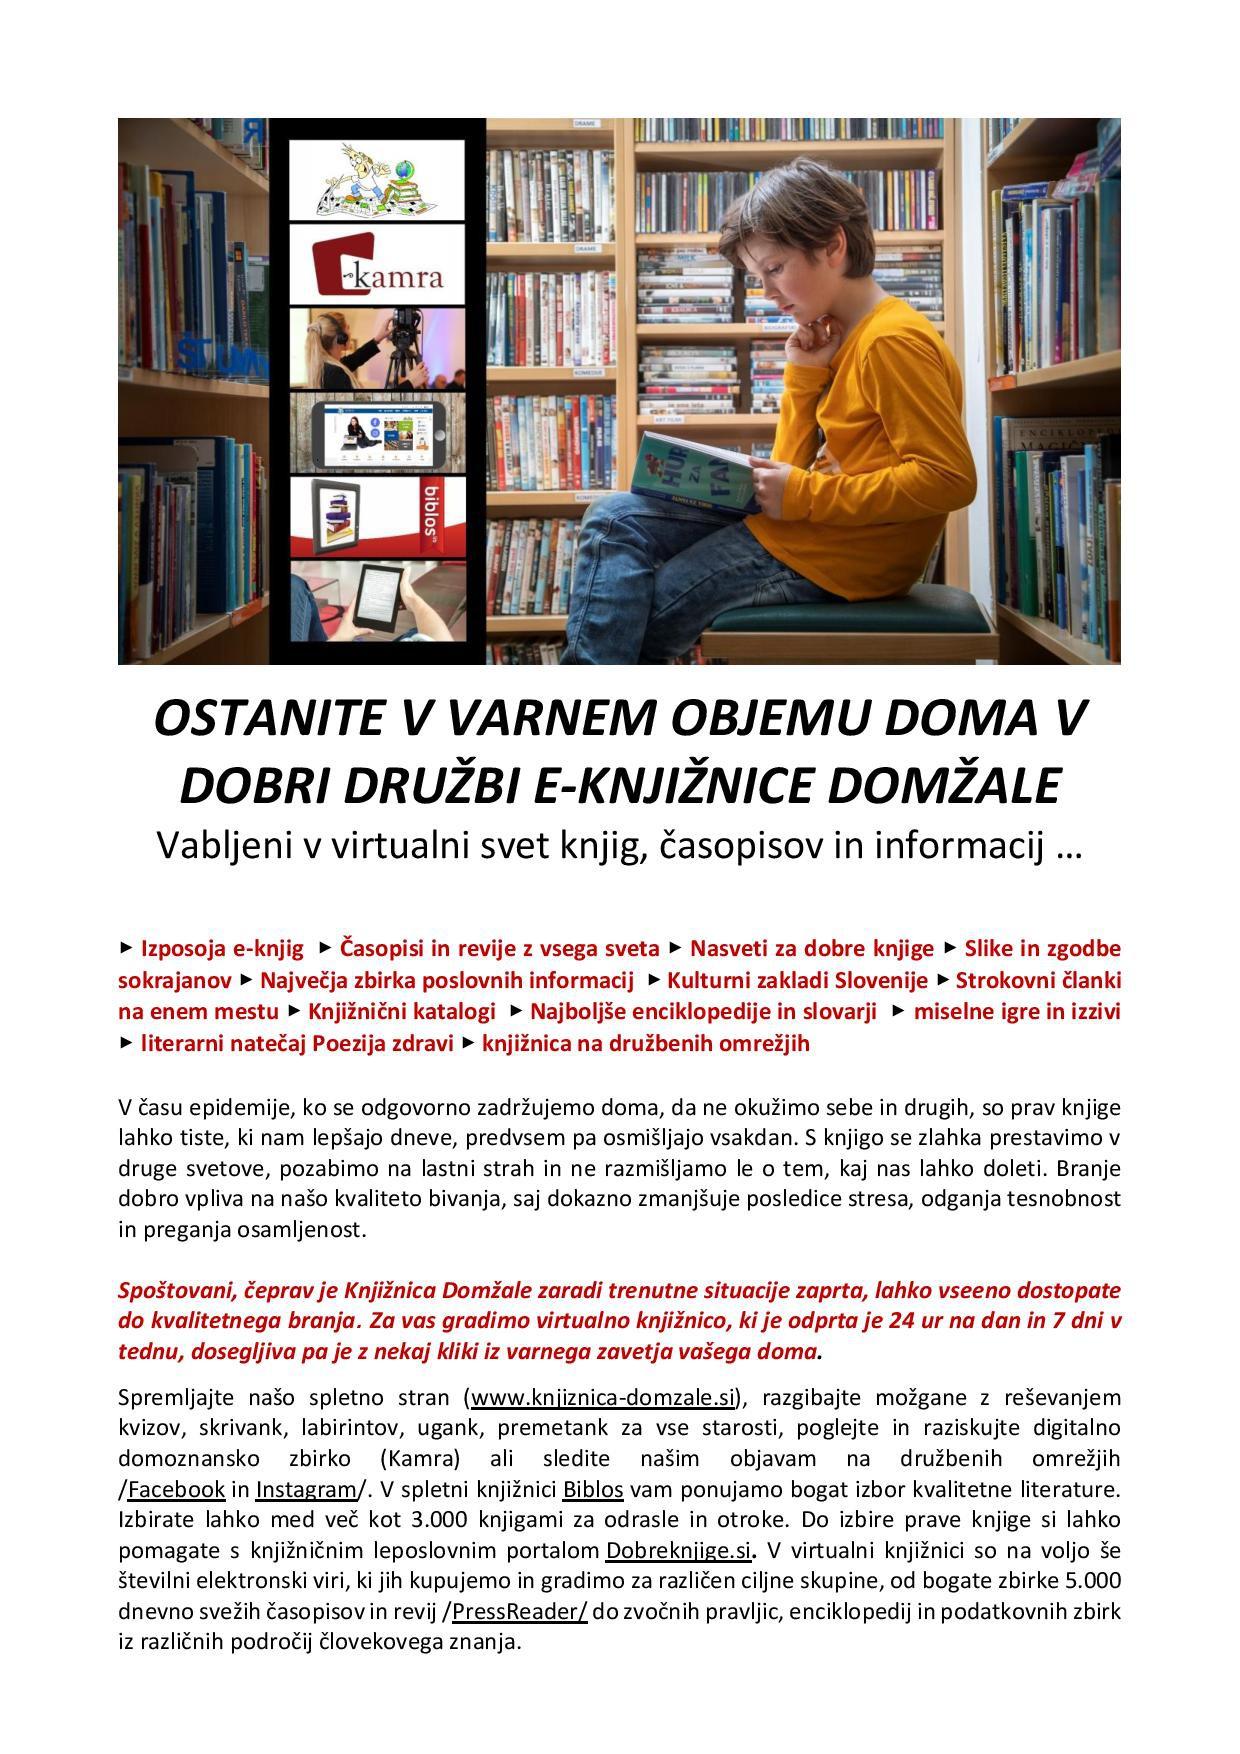 Virtualna knjižnjica Domžale - Kako ostati doma in brati?